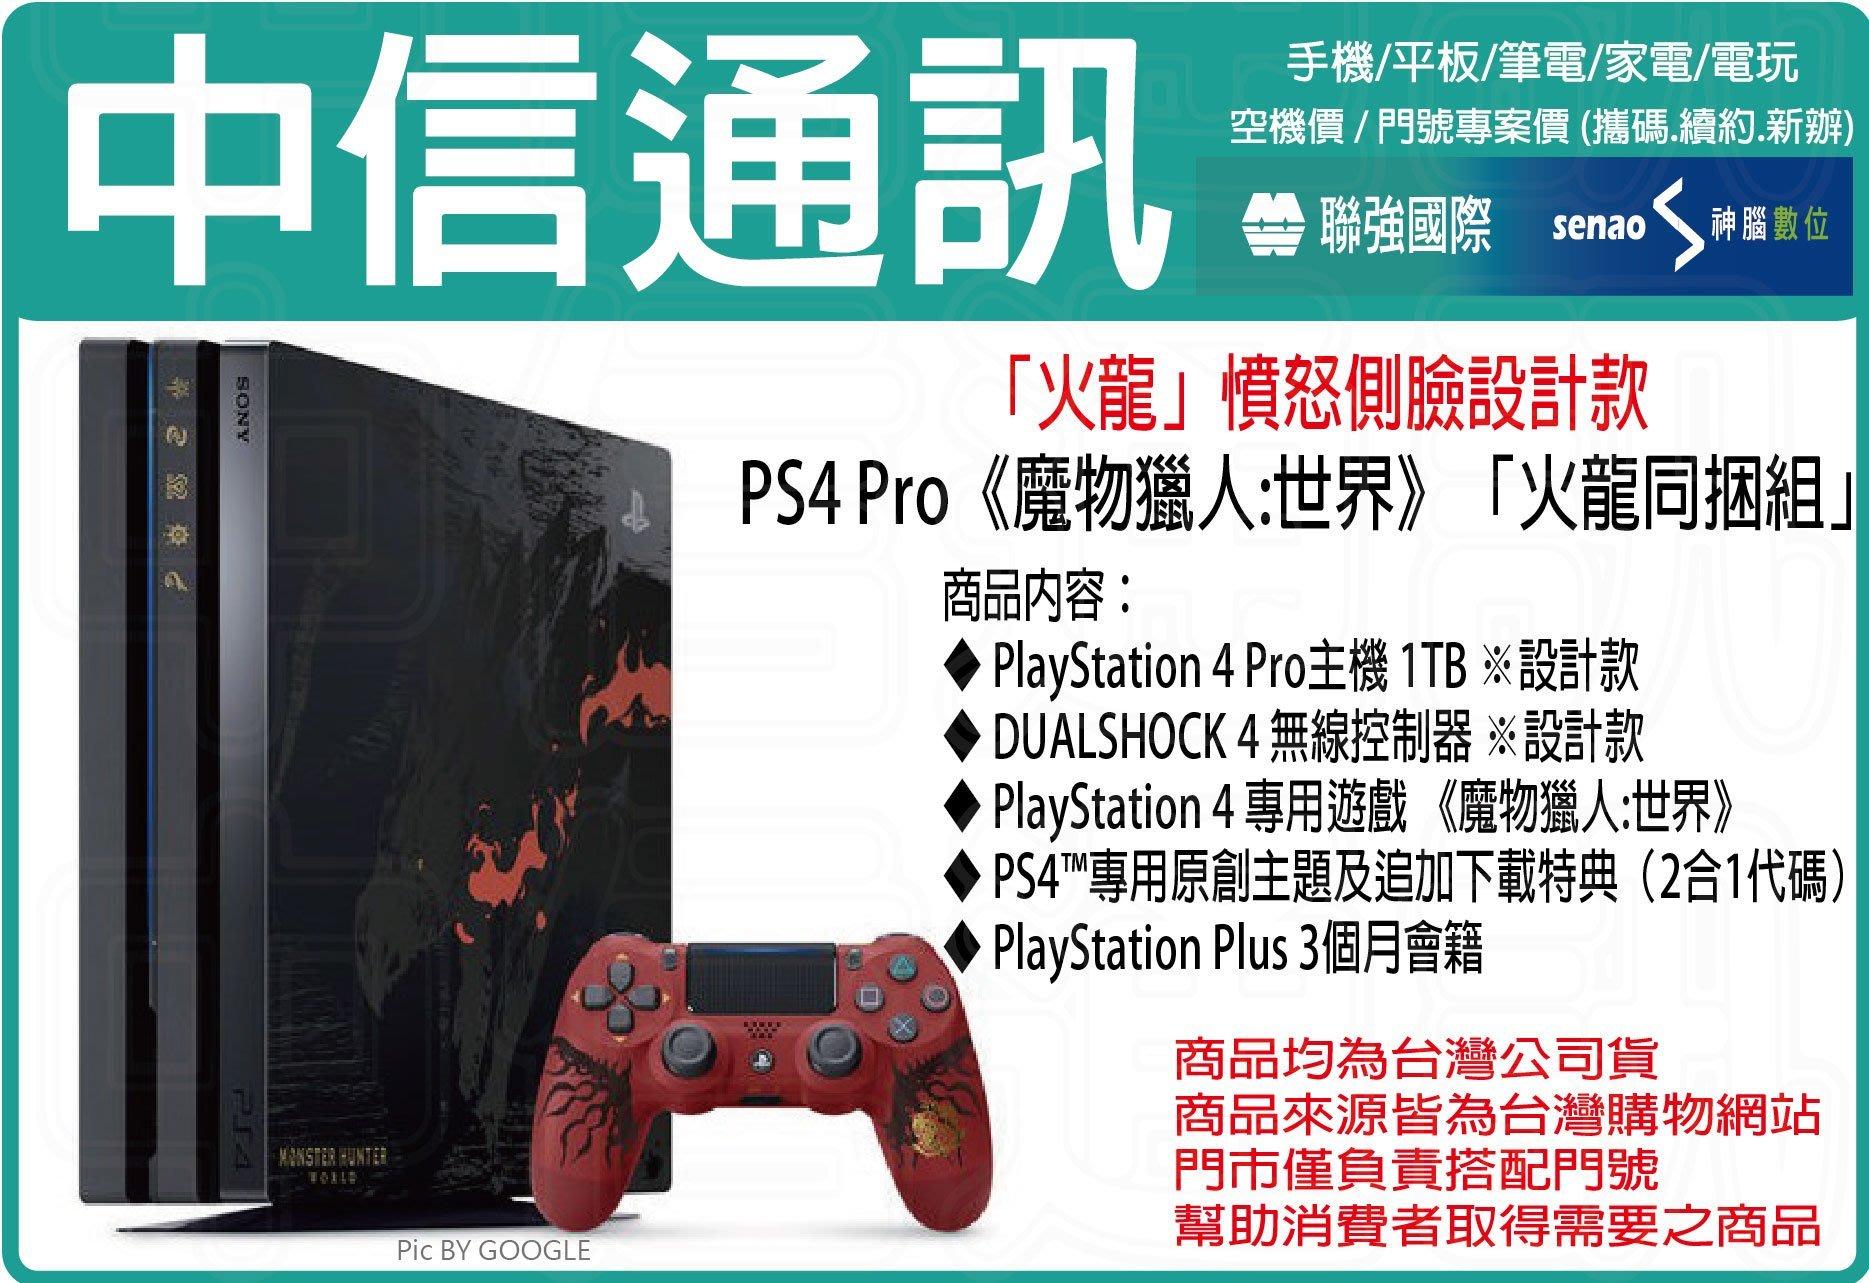 台灣續約SONY PS4 PRO1TB現貨 魔物獵人:世界 火龍 同捆組現貨-魔物獵人PS4 PRO現貨攜碼專案價1元